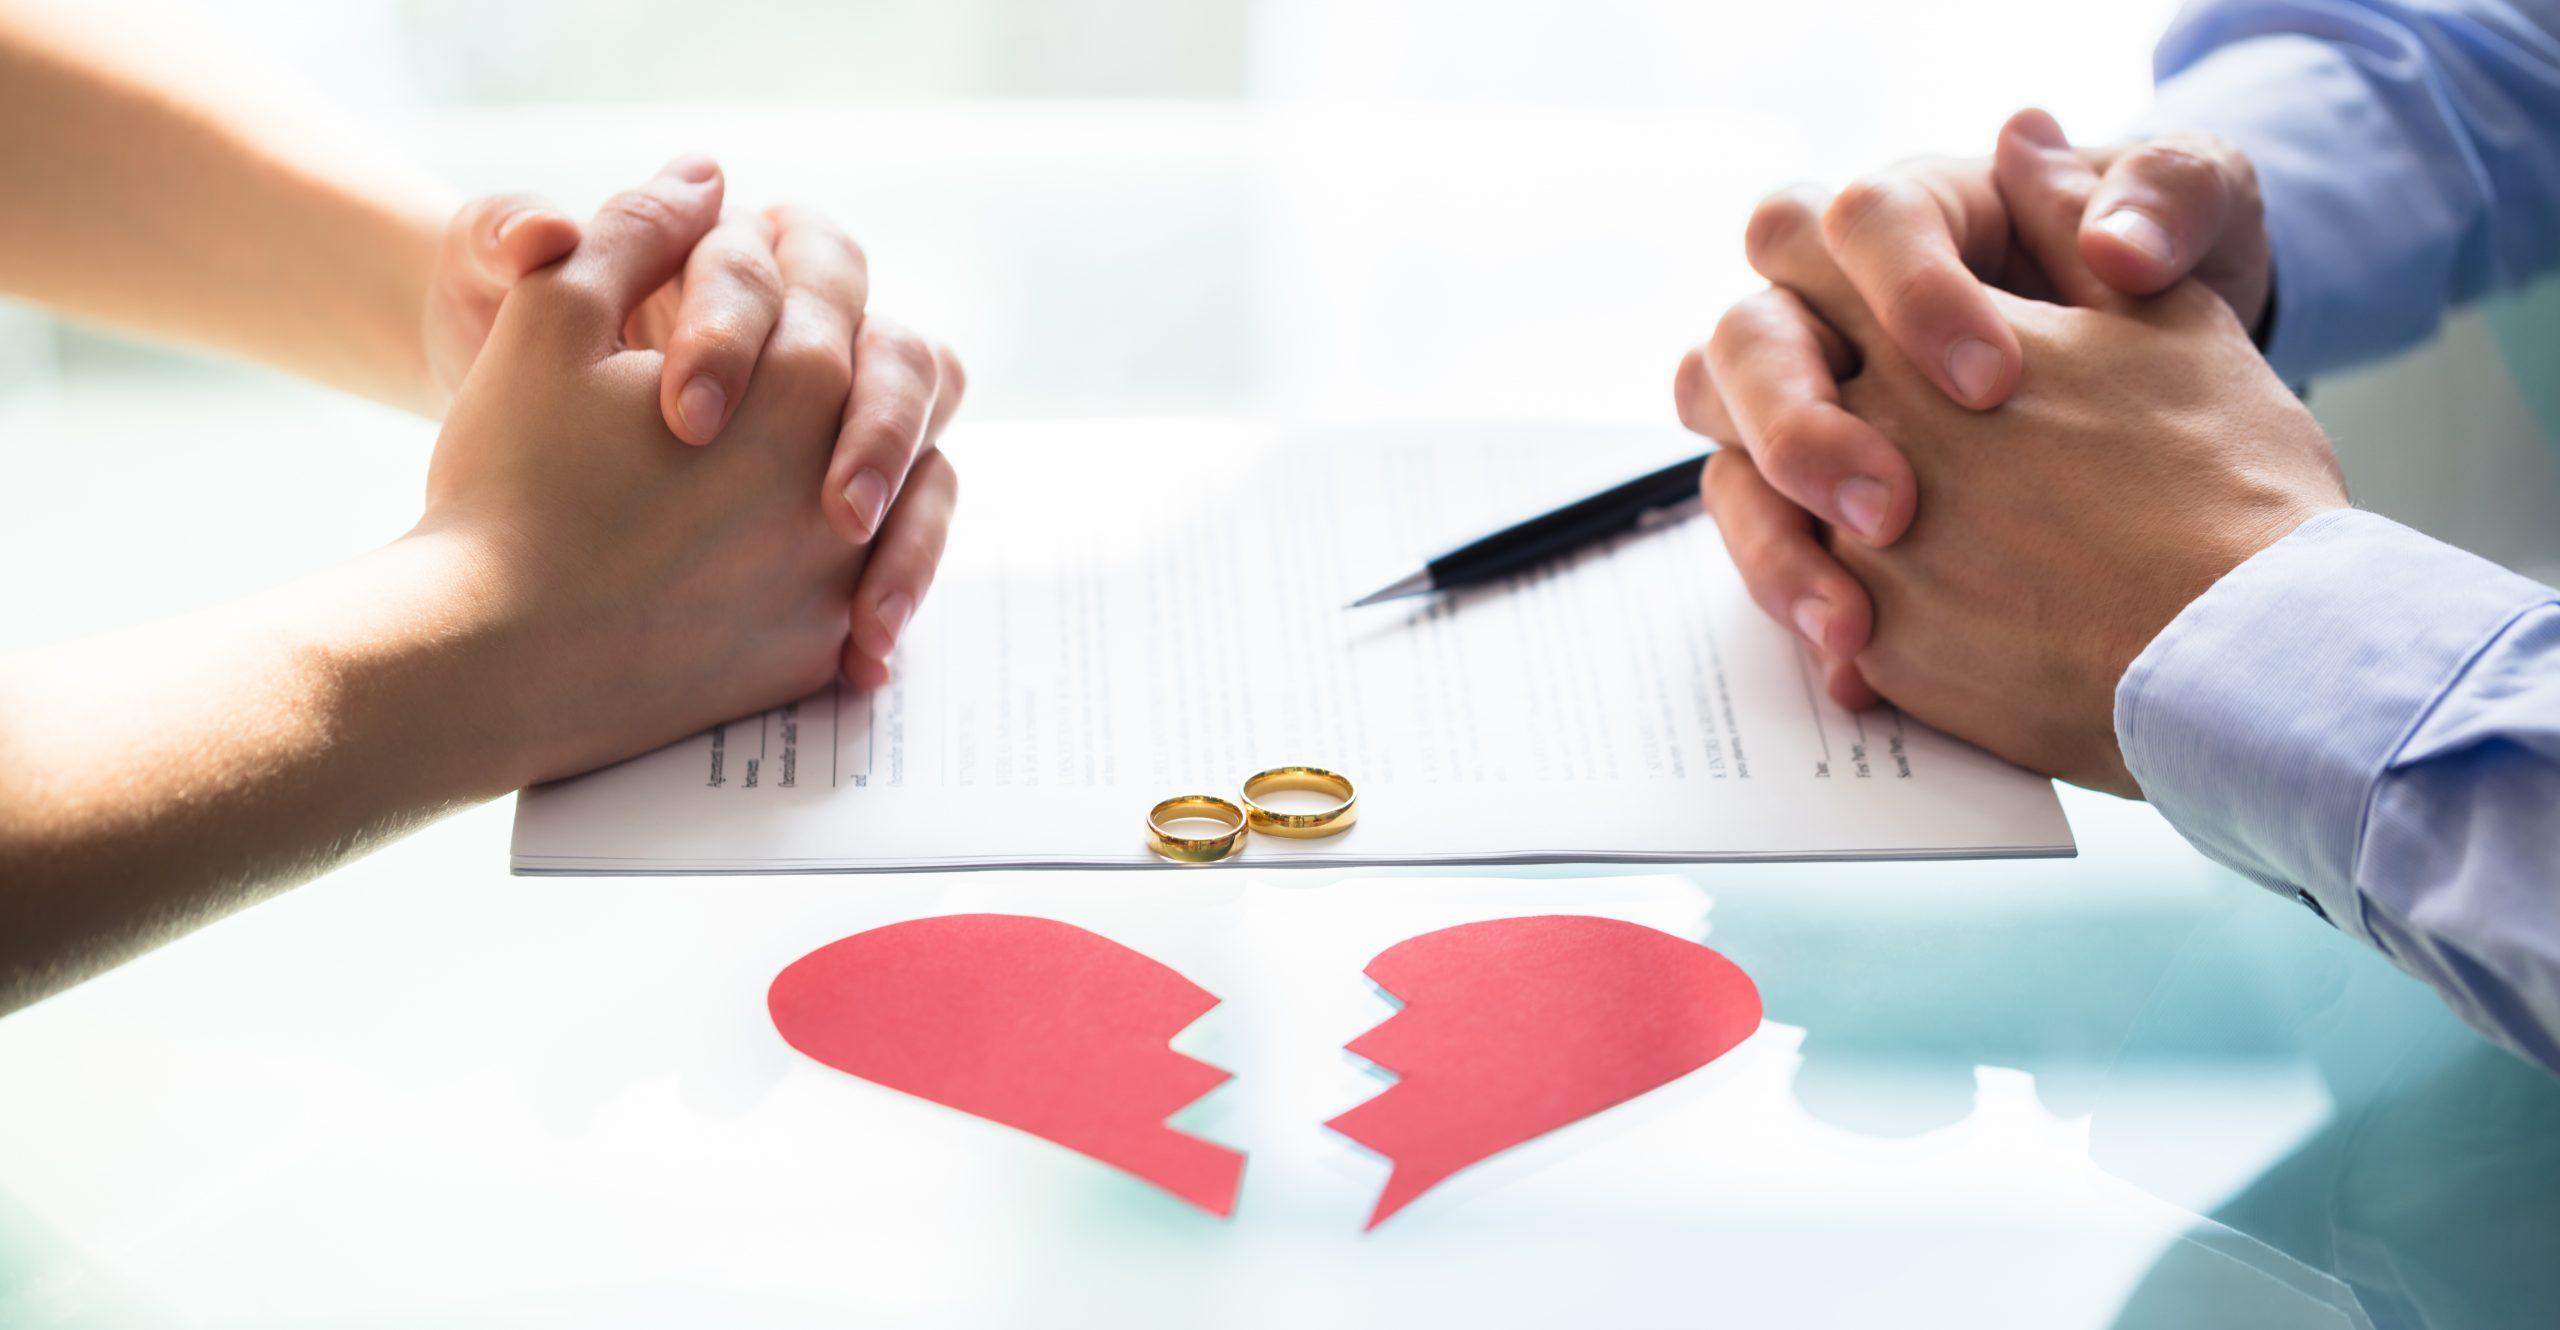 Τα στάδια του διαζυγίου